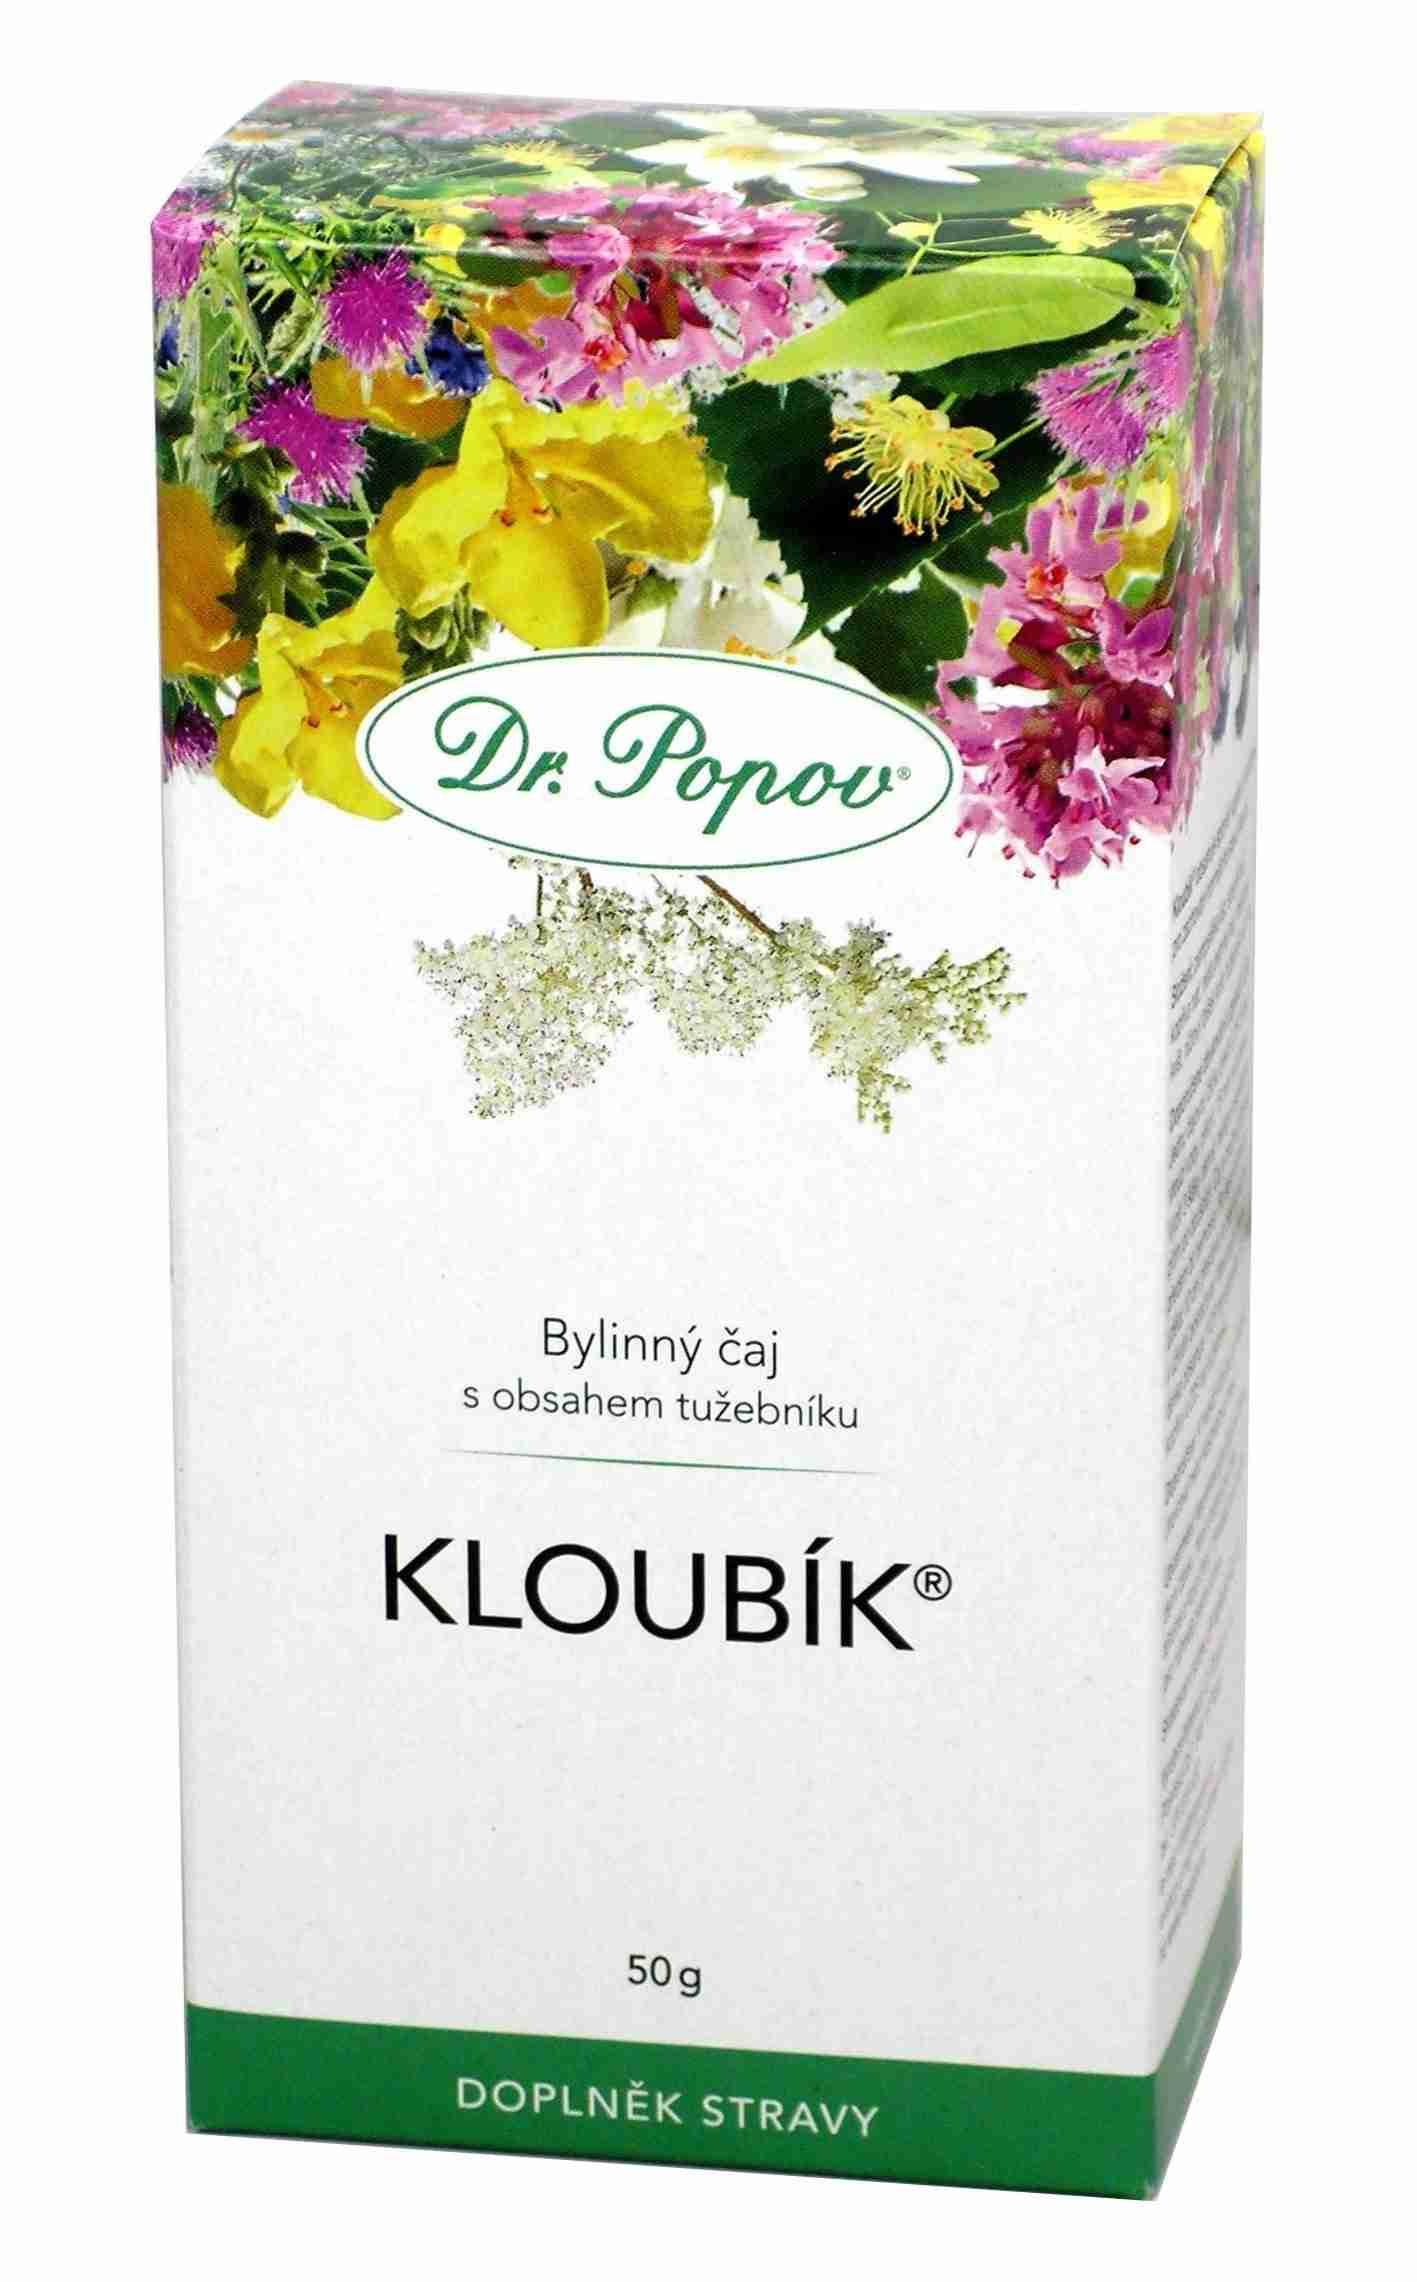 Dr. Popov Kloubik sypaný 50g